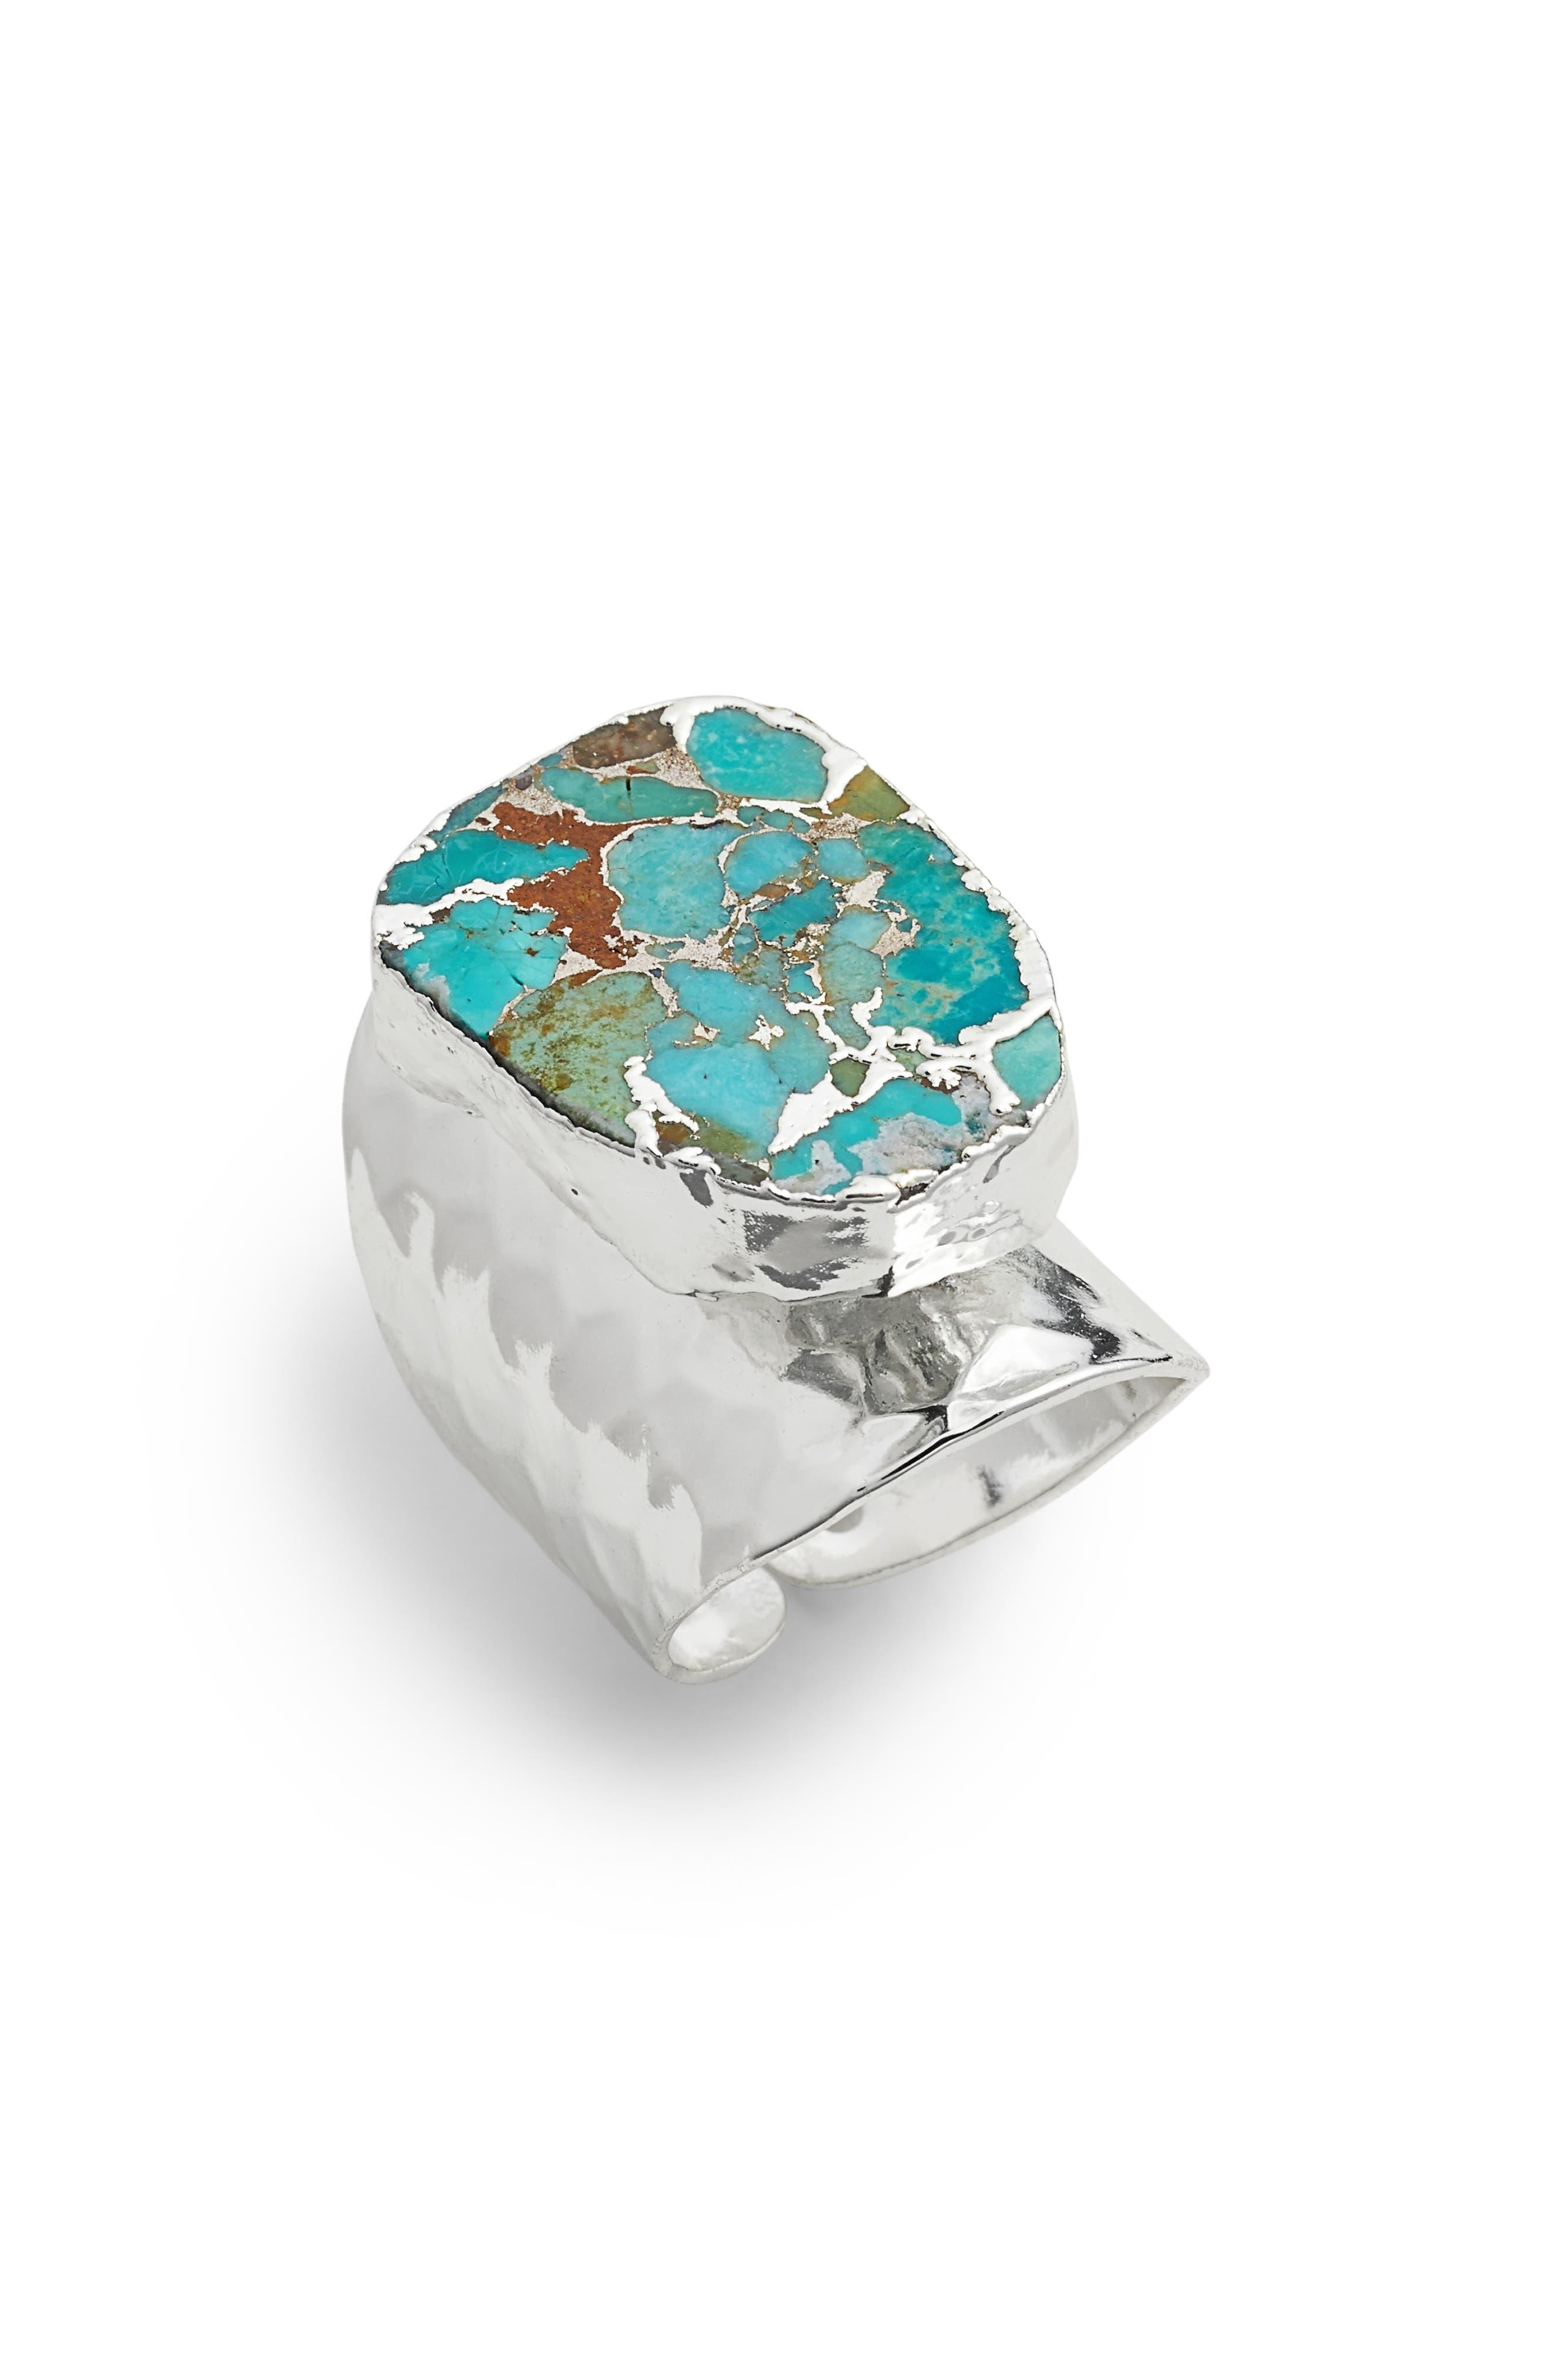 Bonitas Hammered Cuff Ring,                             Main thumbnail 1, color,                             Silver